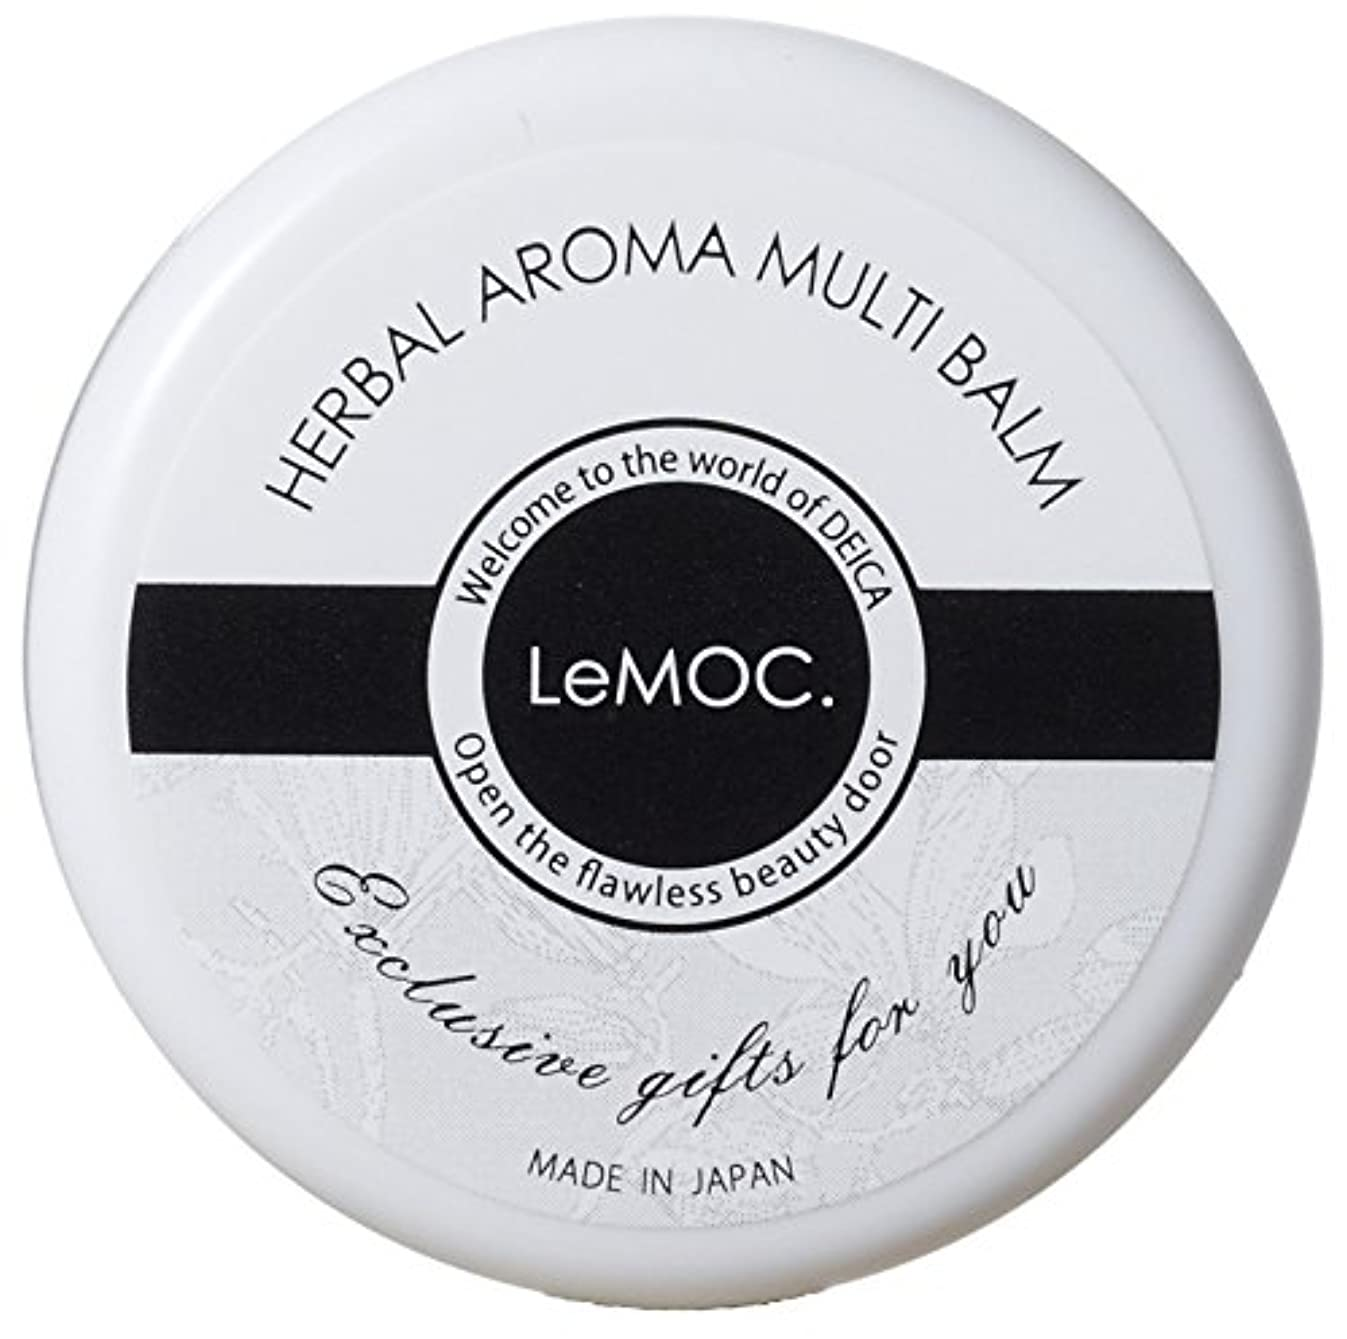 落ち着く利点ヘルパールモック.(LeMOC.) ハーバルアロマ マルチバーム 15g(全身用保湿バーム)